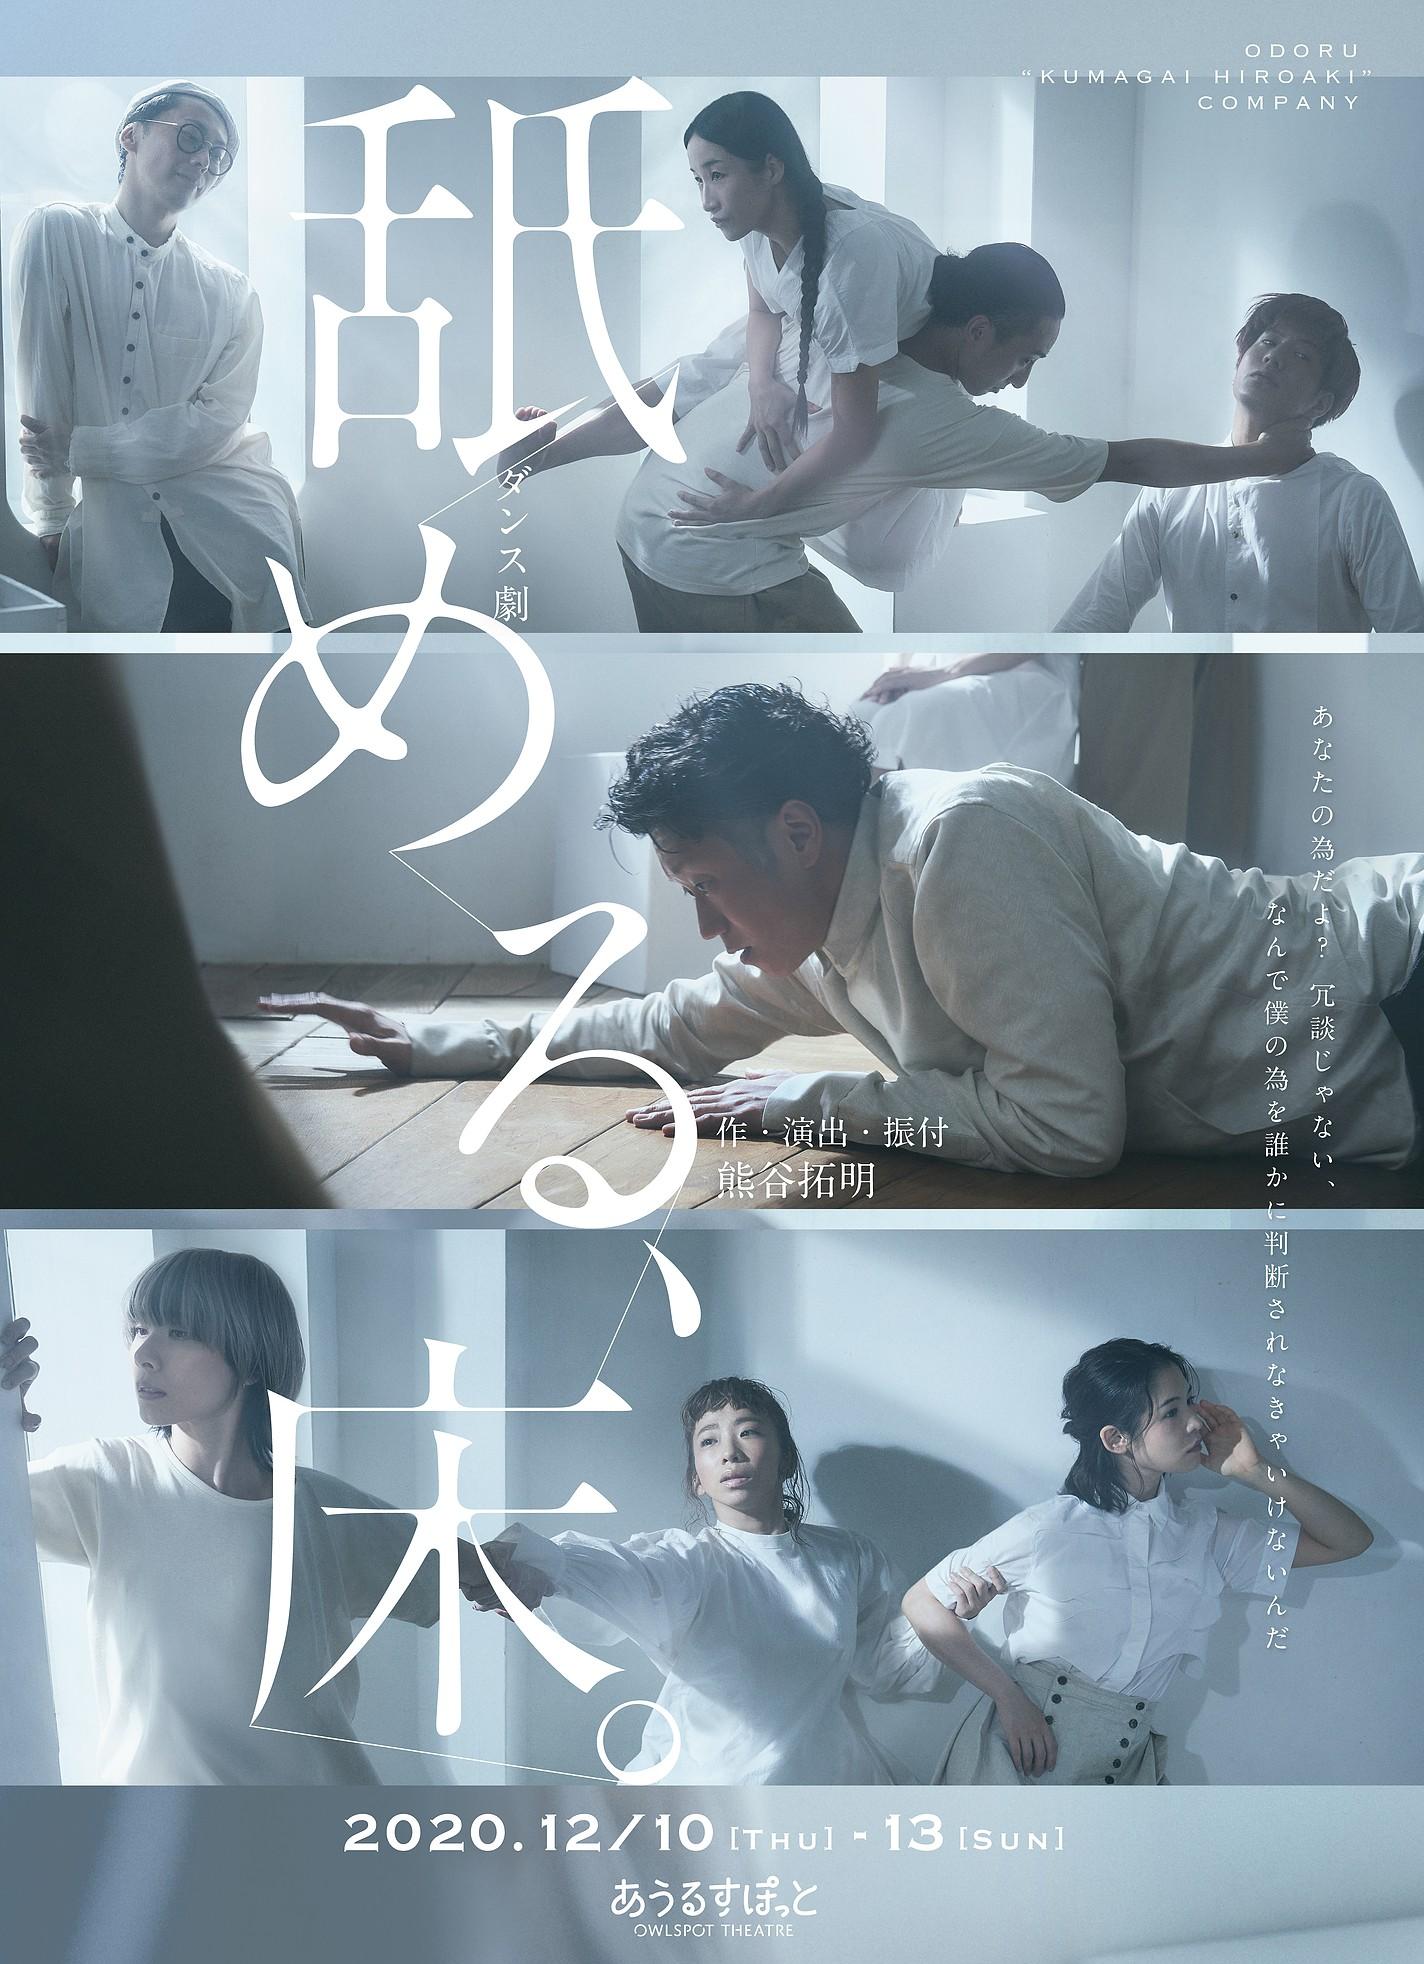 踊る「熊谷拓明」カンパニー新作公演